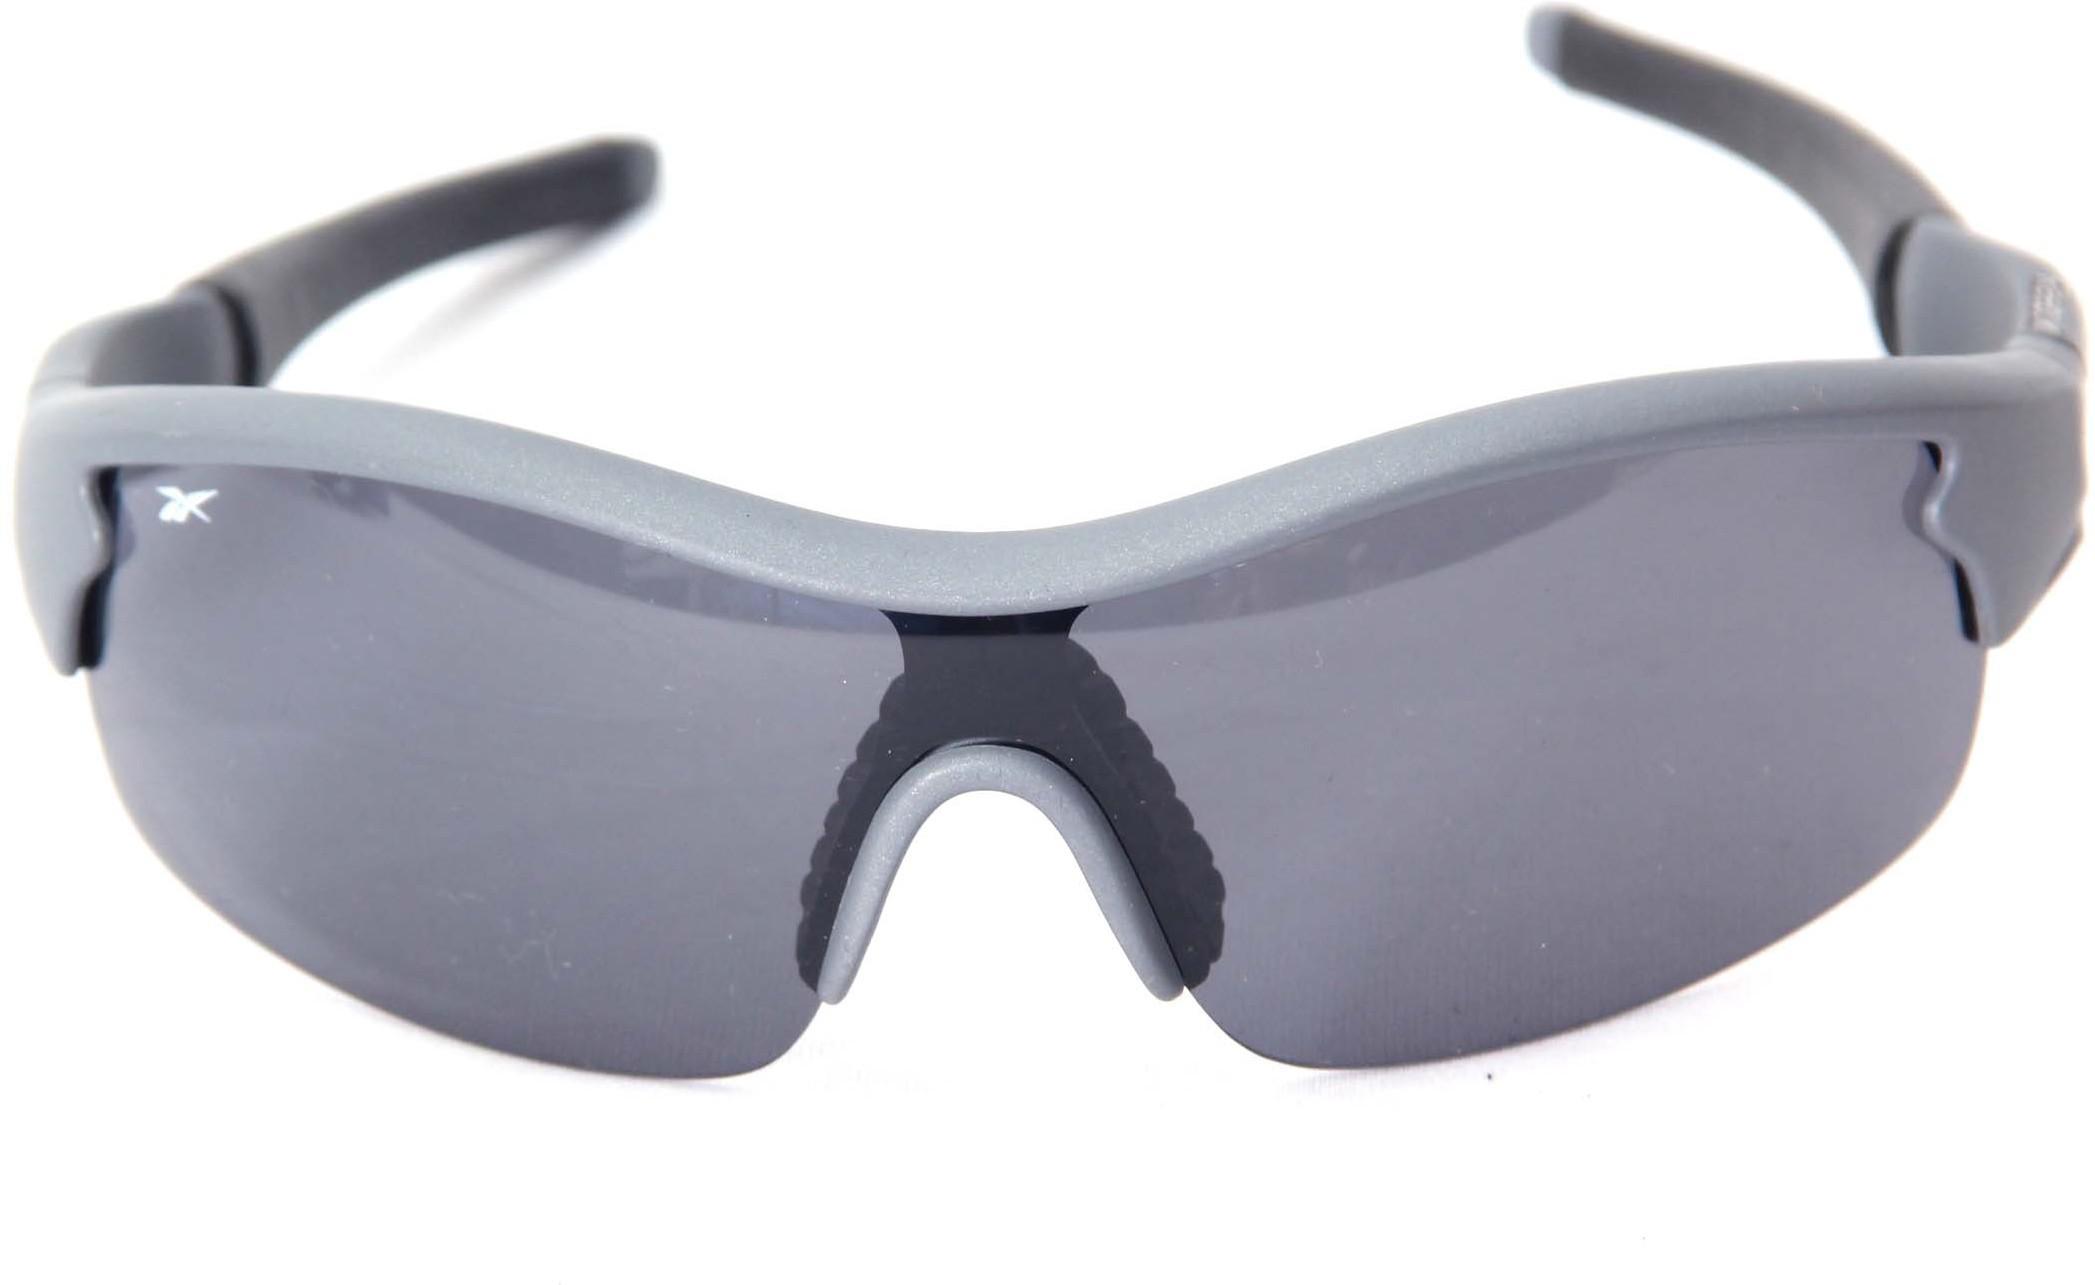 6020a51080c43 Reebok i30067 Bruter Rectangular Sunglasses - Best Price in India ...